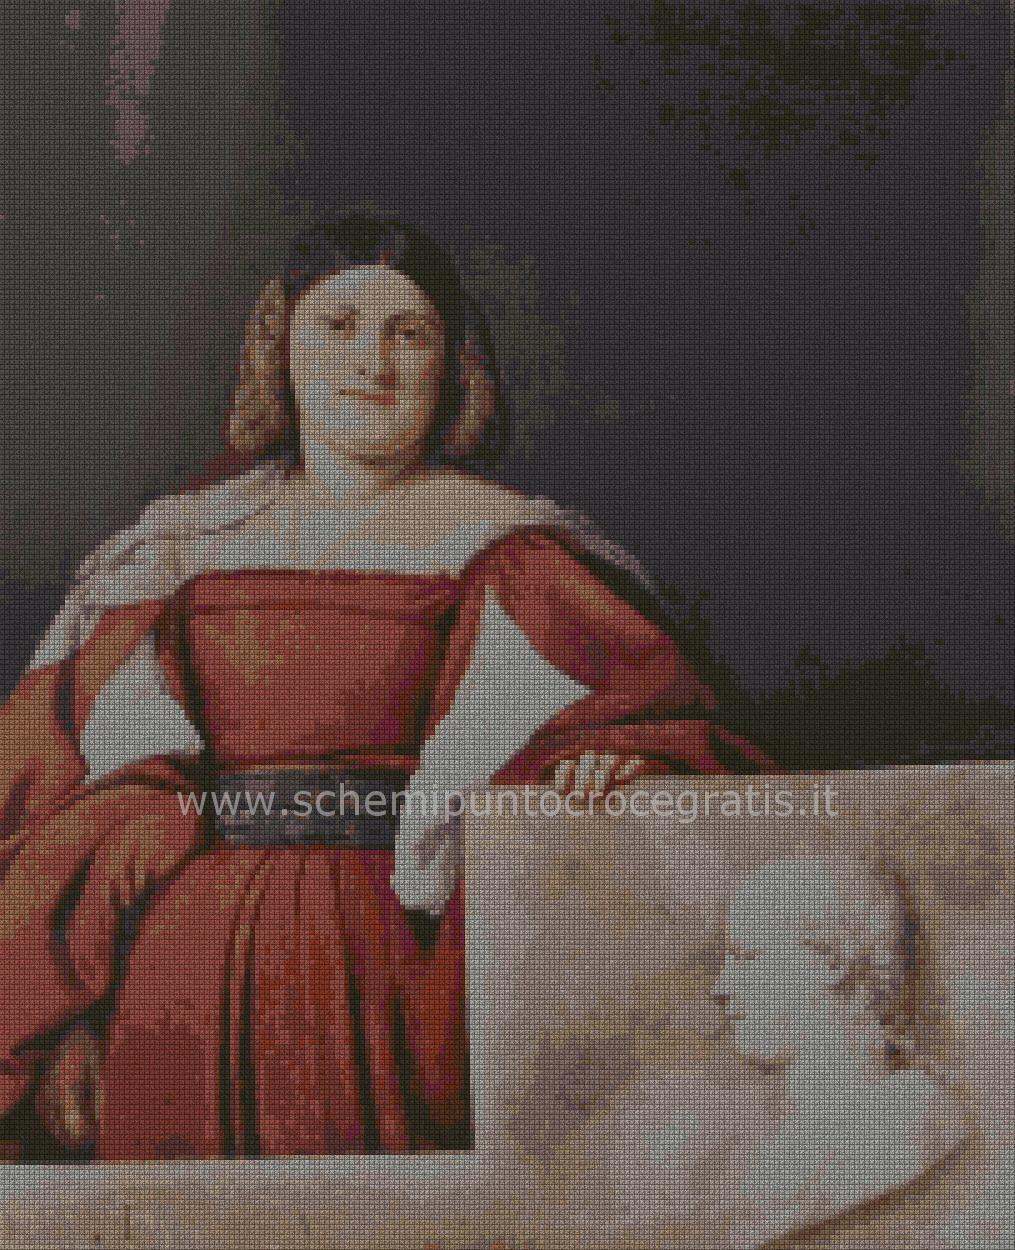 pittori_classici/tiziano/tiziano_04s.jpg